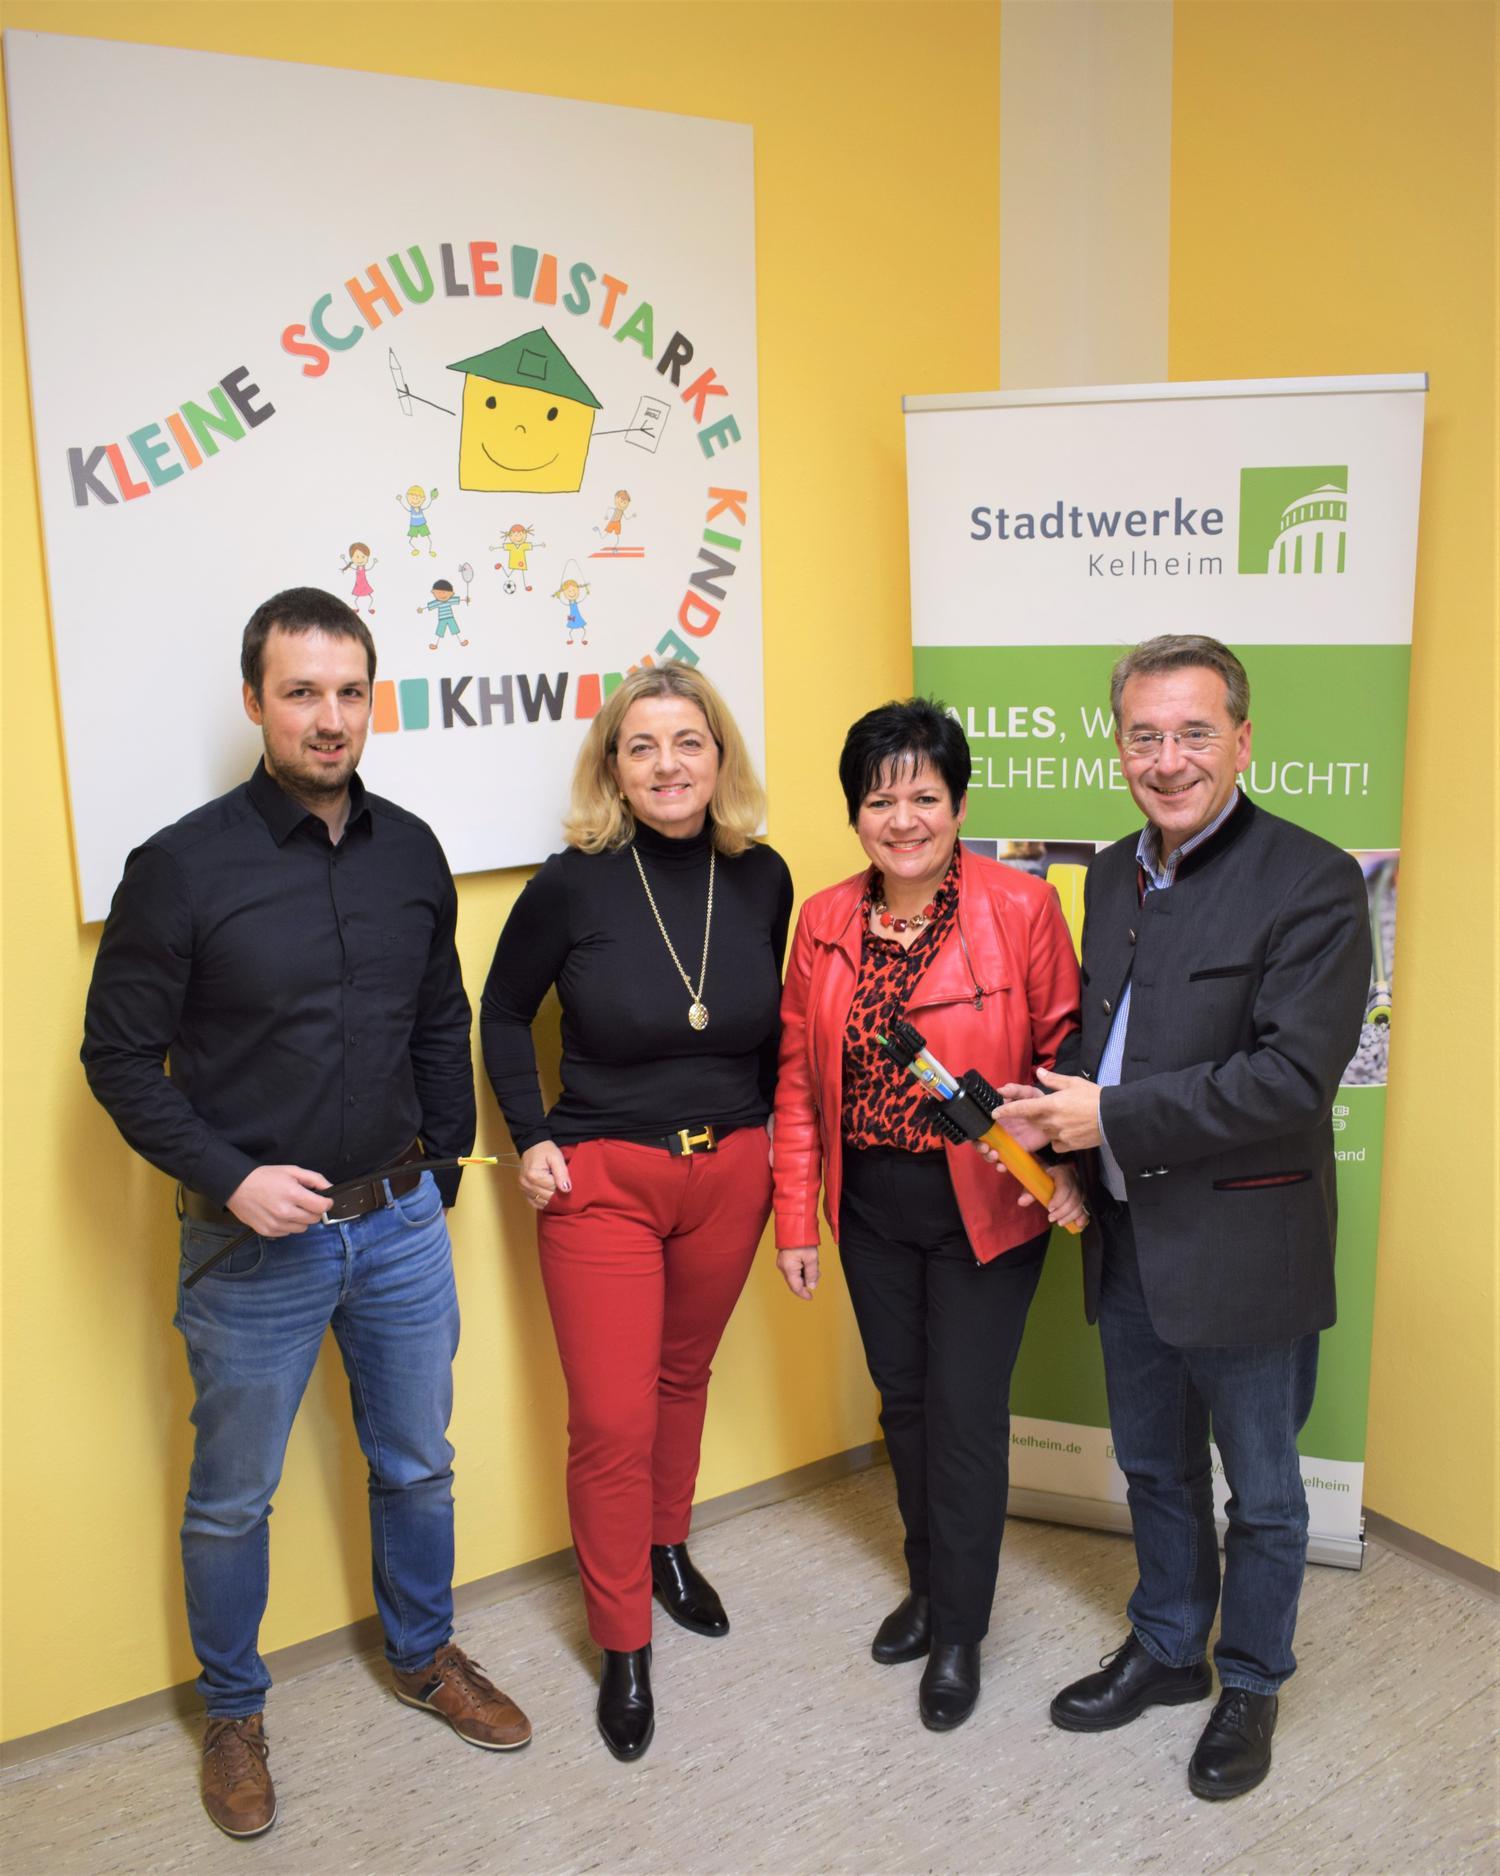 Grundschule Kelheimwinzer